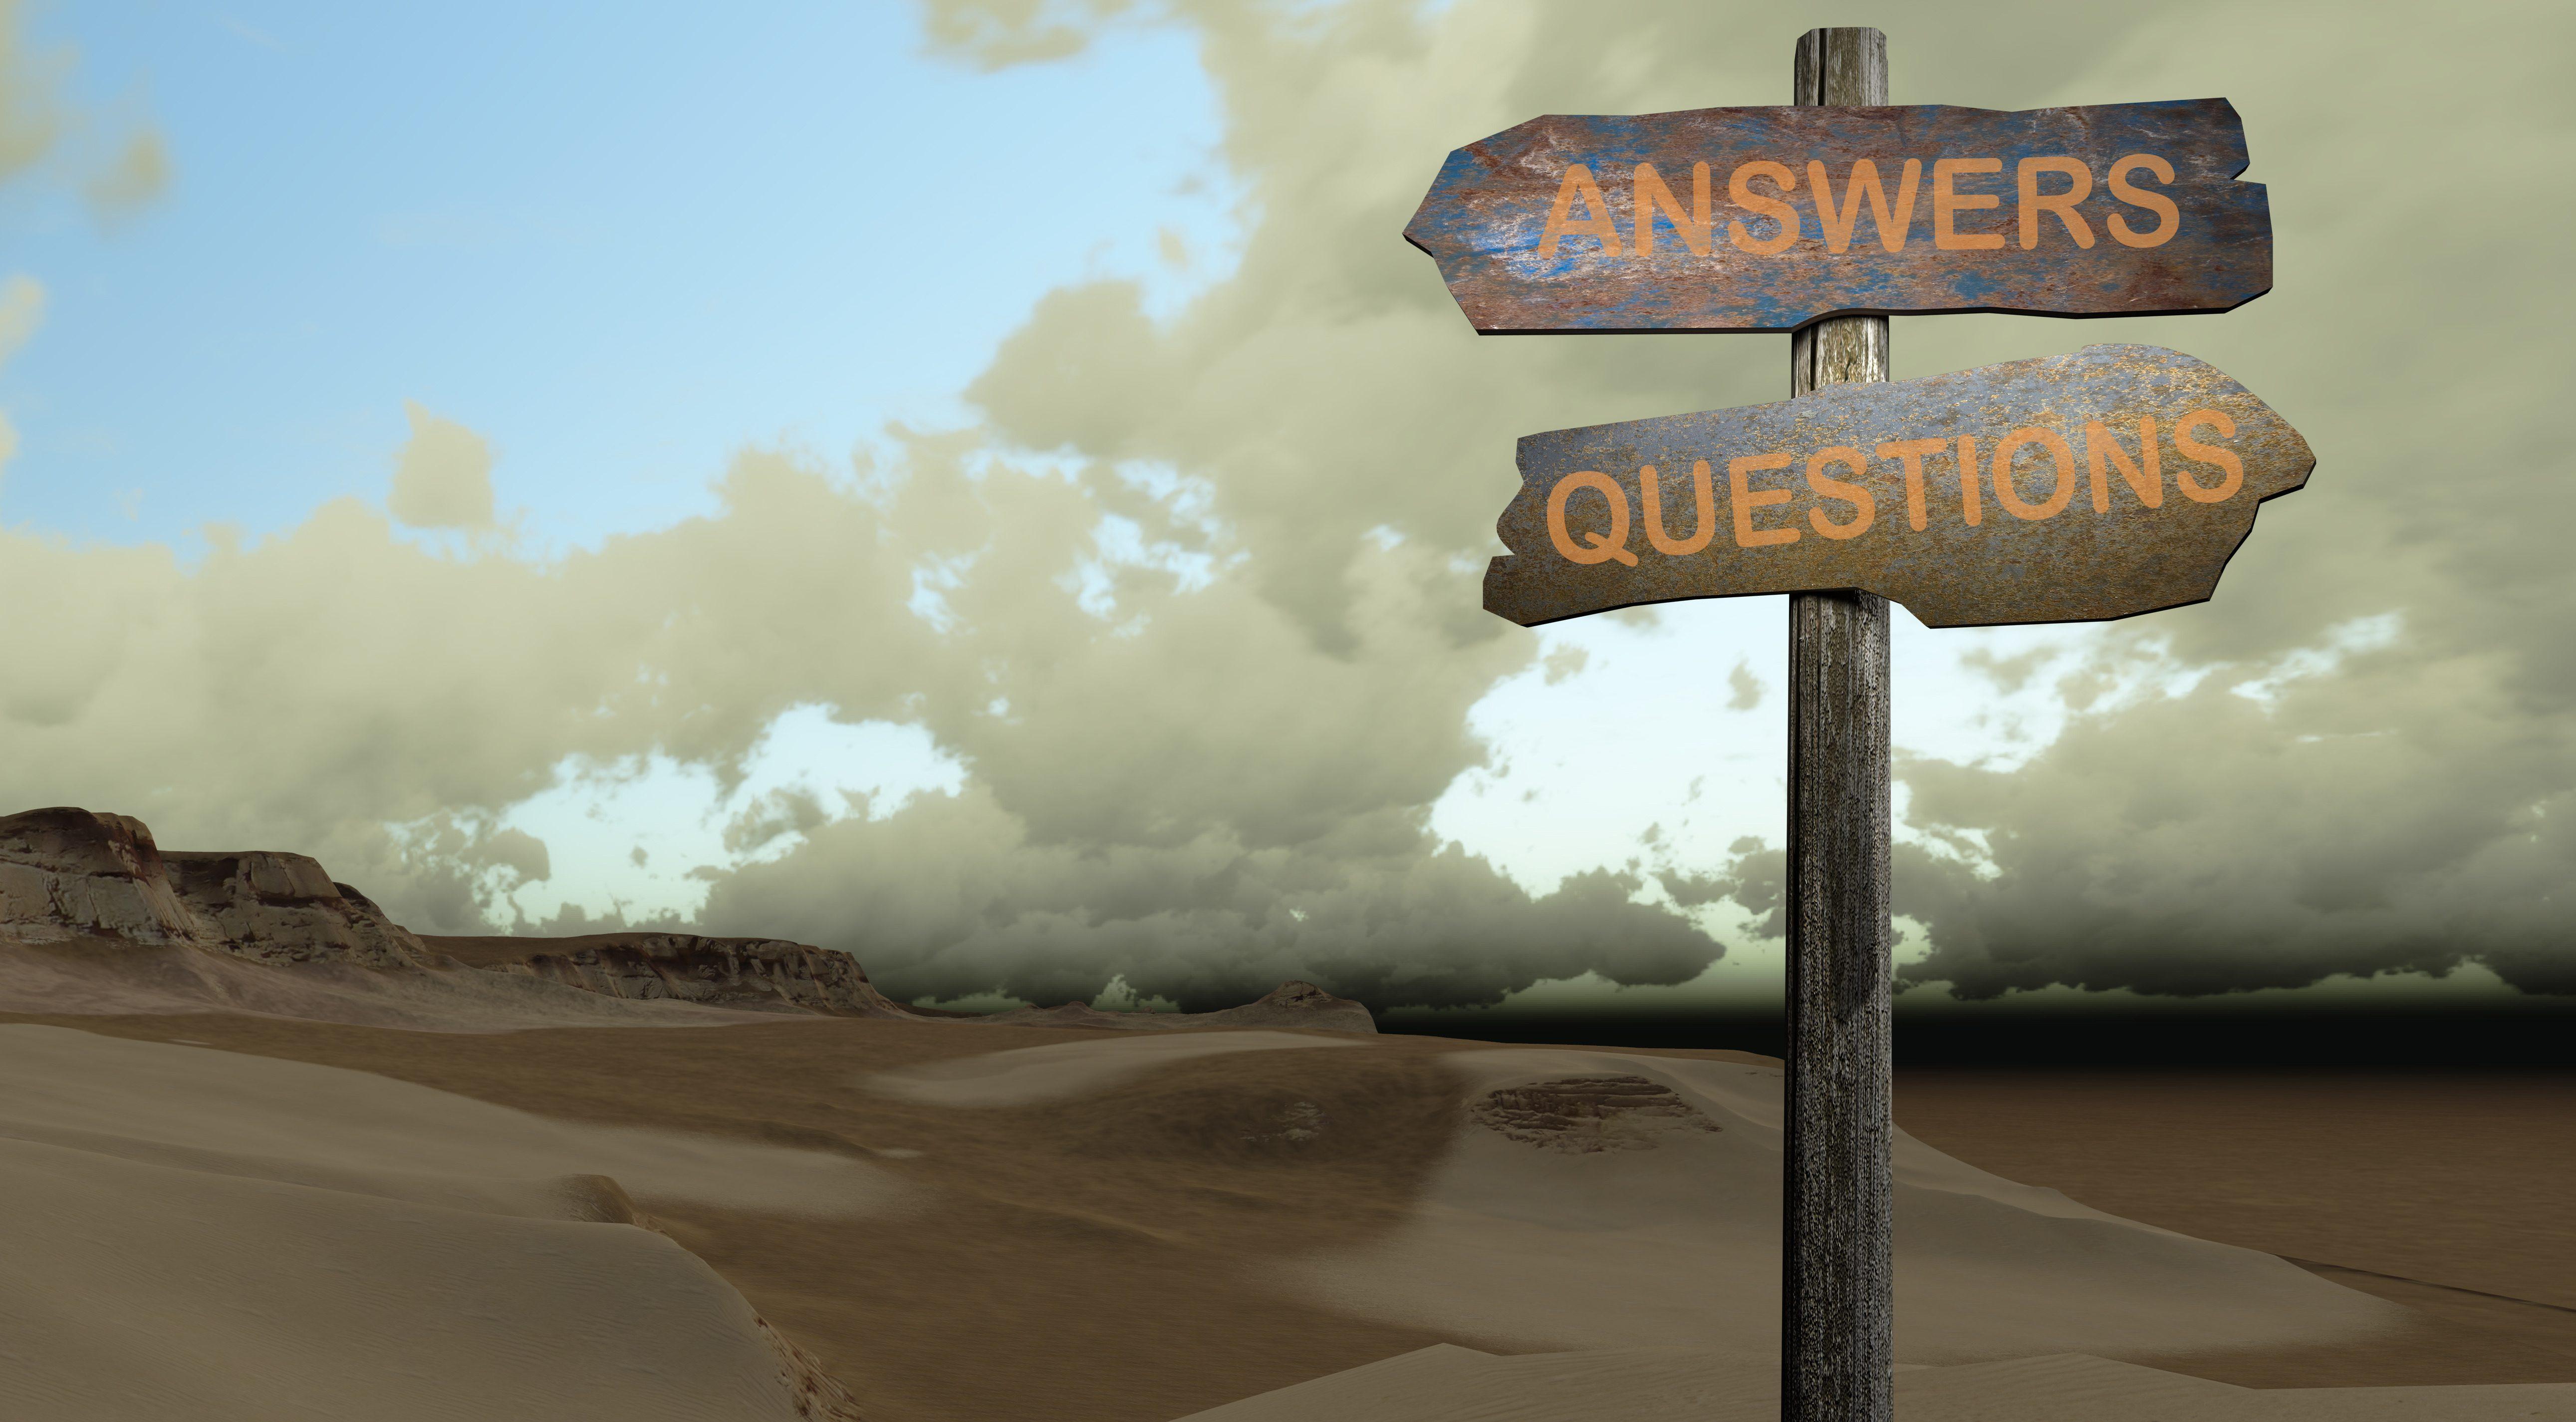 Les 5 aspects qui nous touchent suite à l'enquête sur le congrès 2016